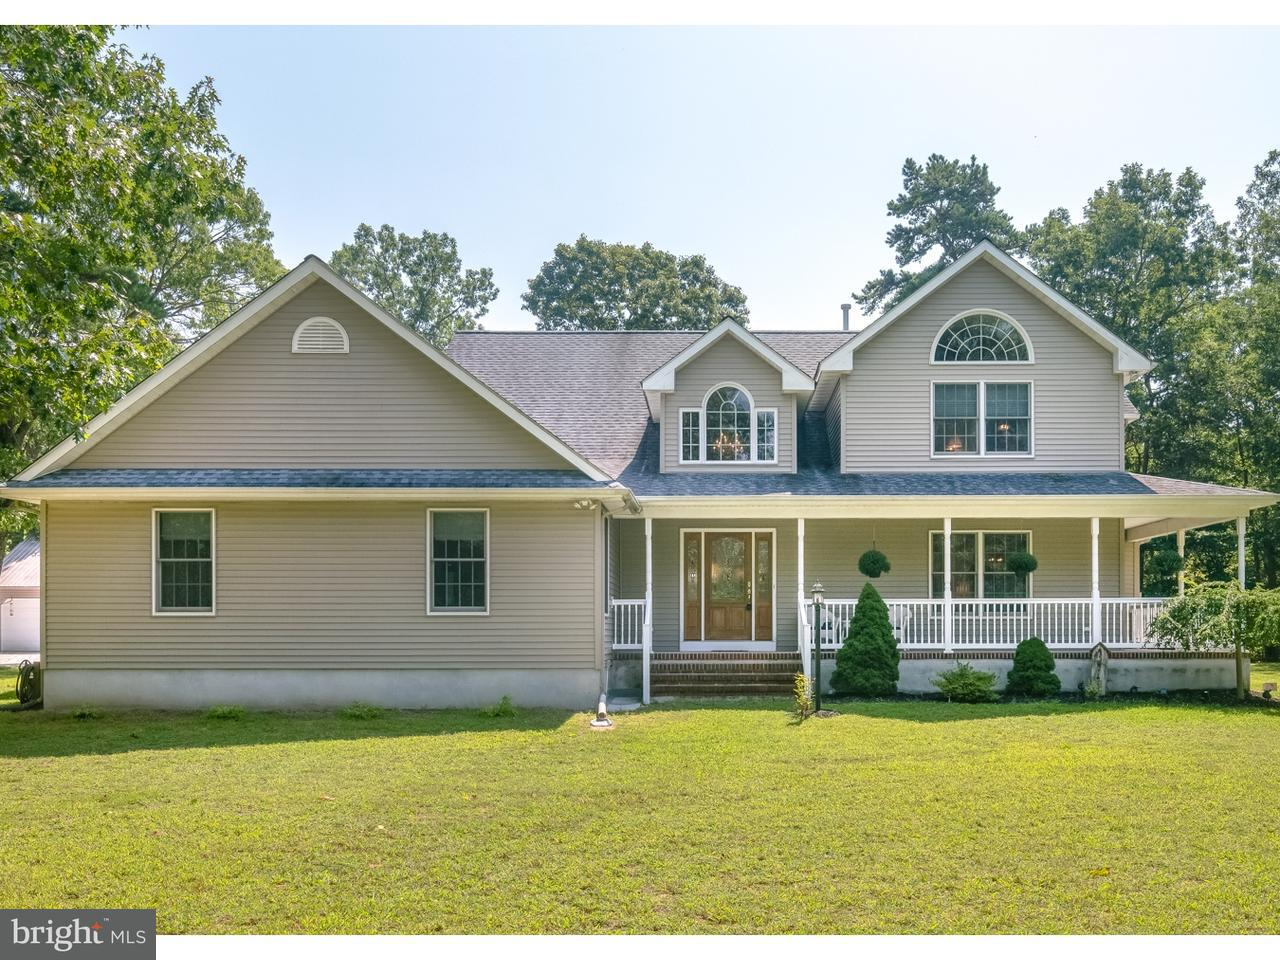 Μονοκατοικία για την Πώληση στο 174 WATSONS MILL Road Alloway, Νιου Τζερσεϋ 08318 Ηνωμενεσ Πολιτειεσ